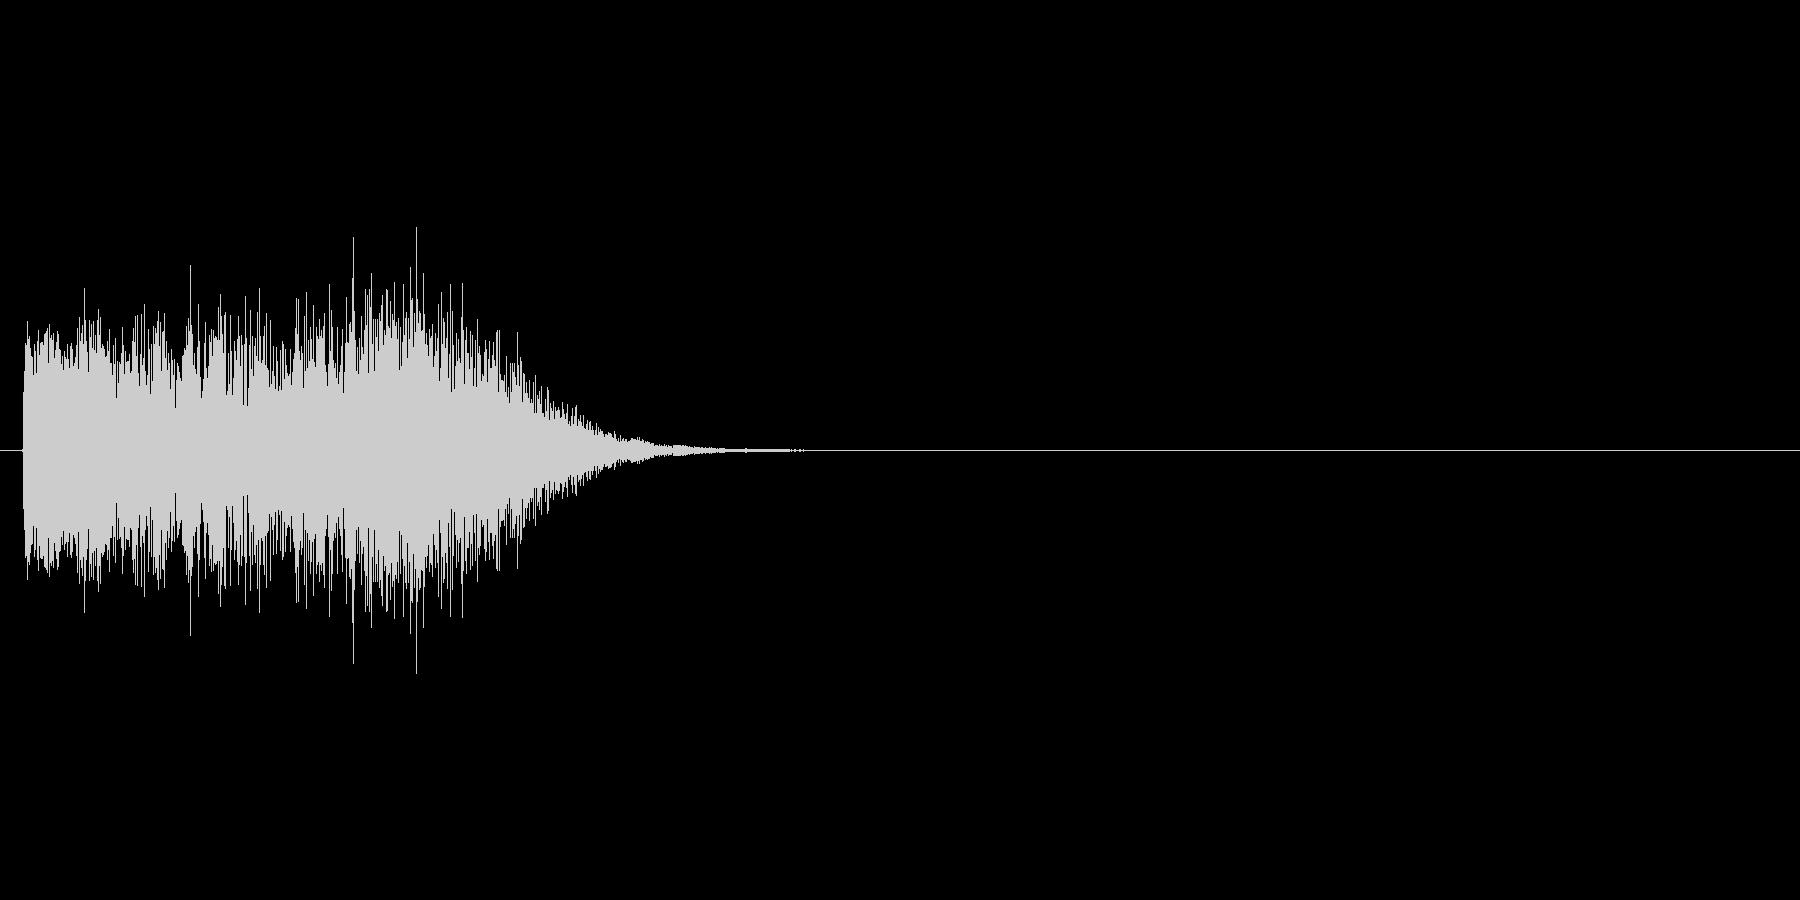 シンセ系の場面転換に使える効果音の未再生の波形